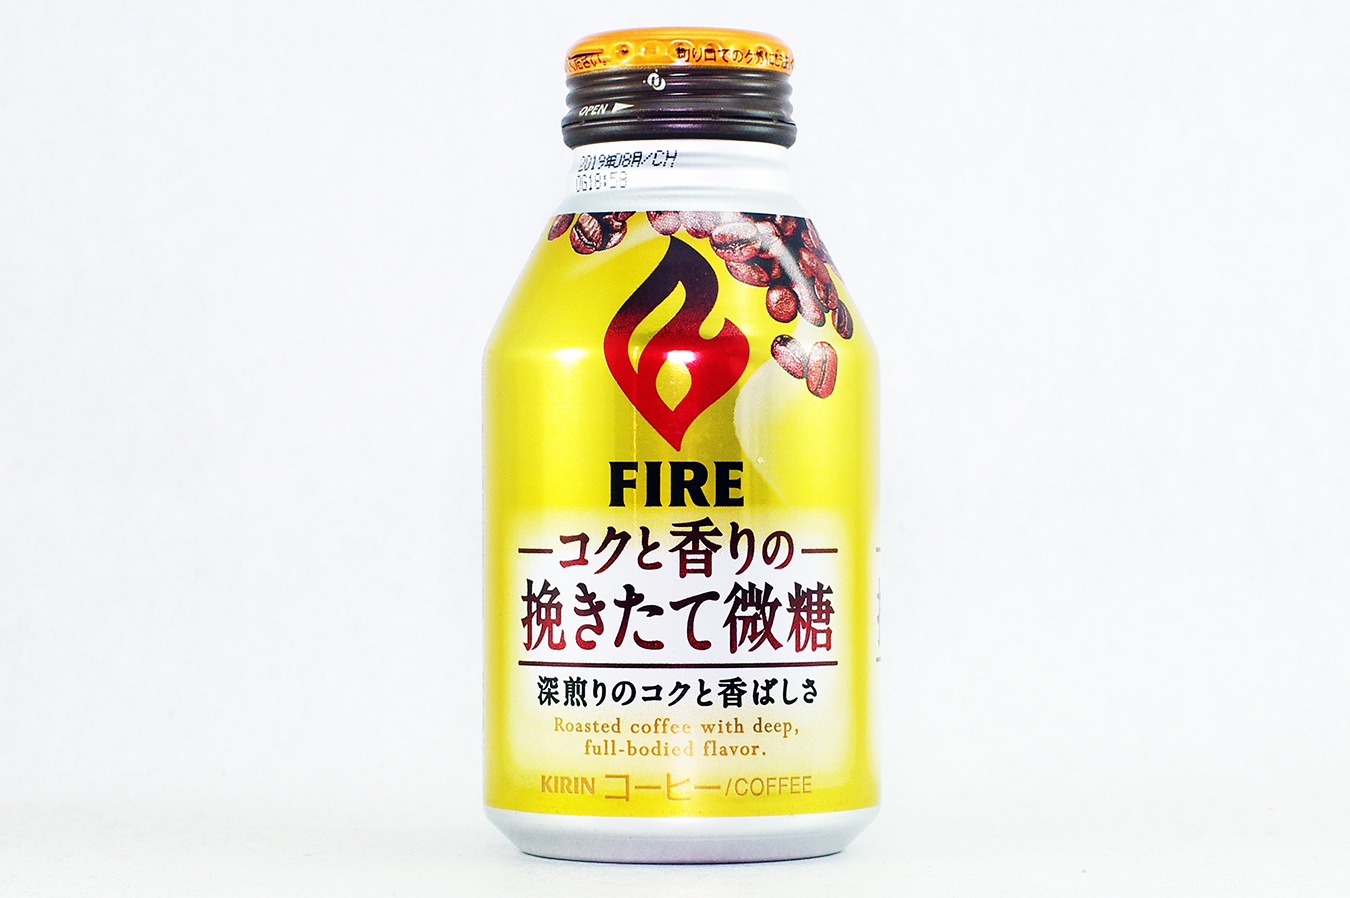 FIRE コクと香りの挽きたて微糖 2018年10月